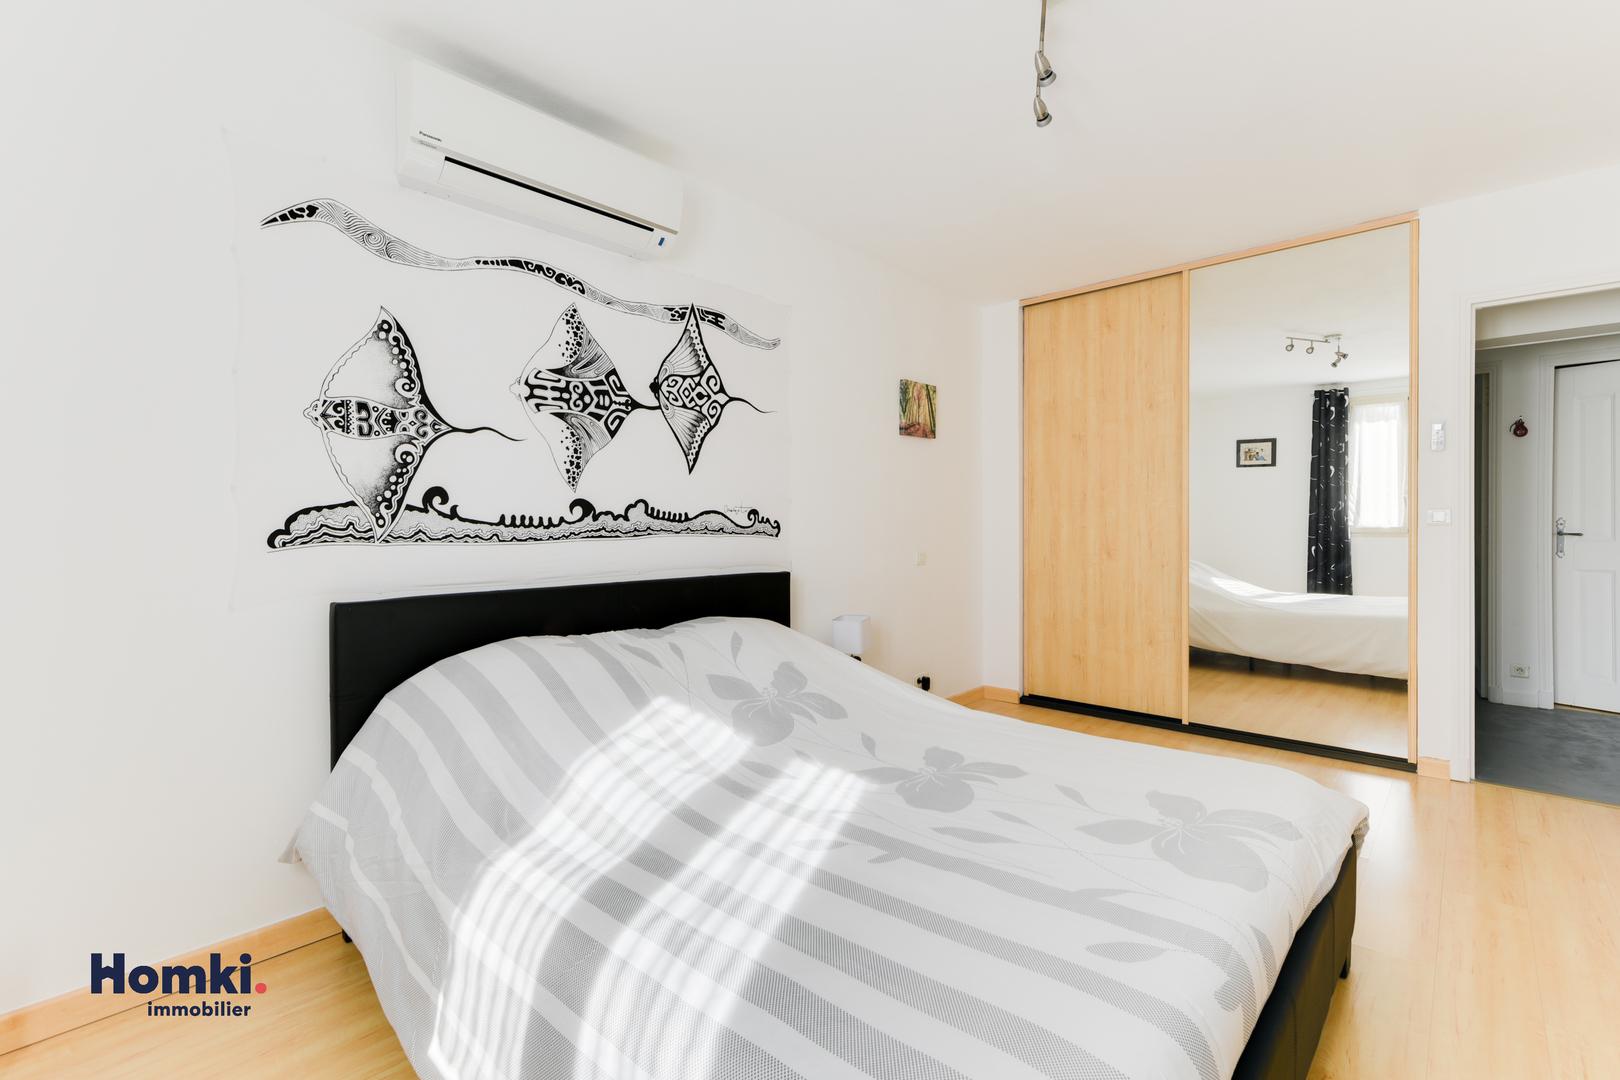 Vente Maison 160 m² T5 06440_9